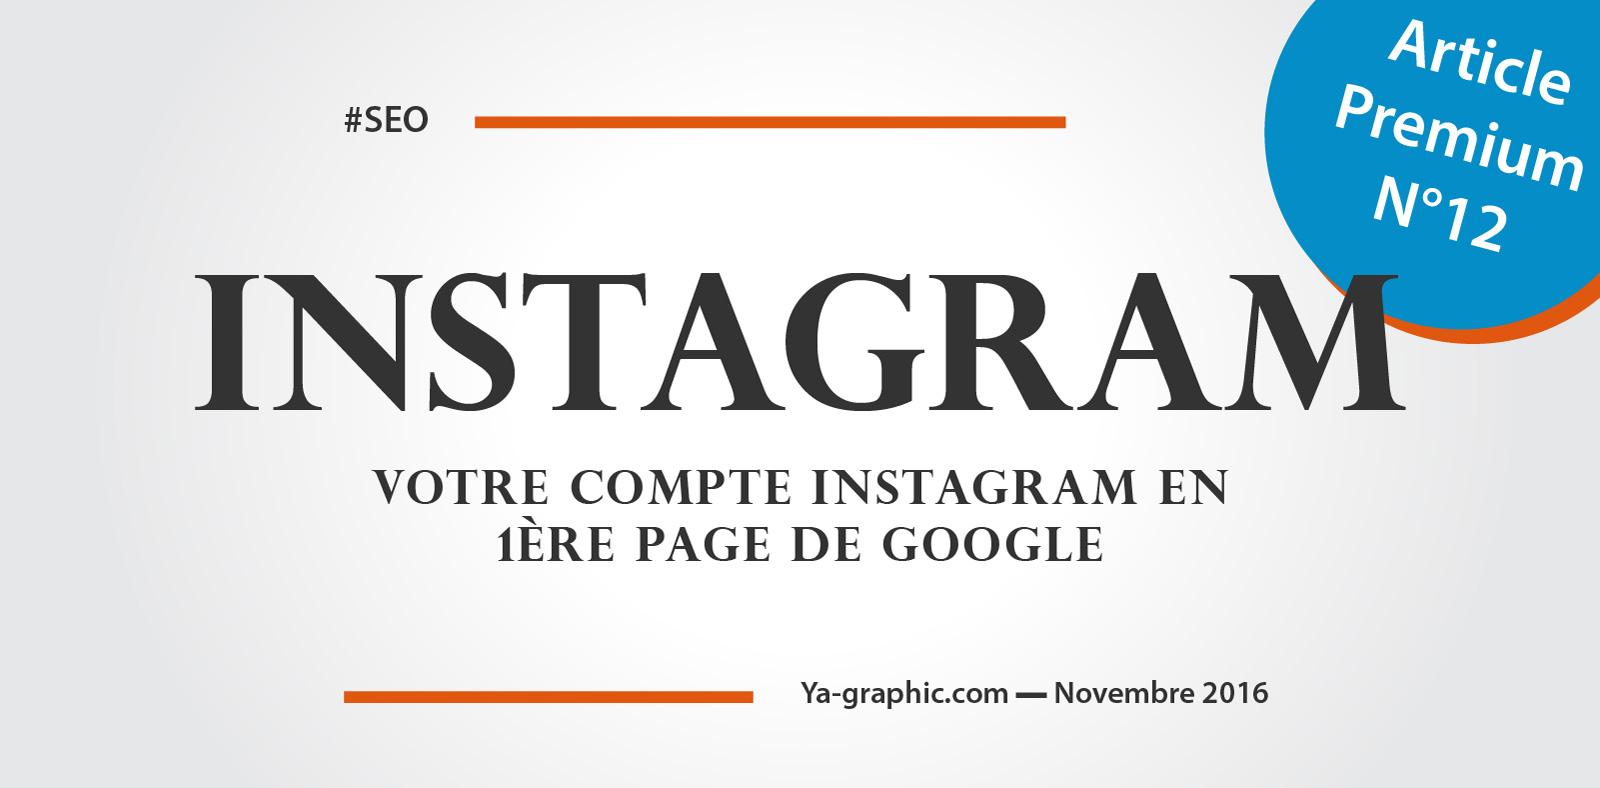 Référencer un compte Instagram en première page de Google - chez Ya-graphic